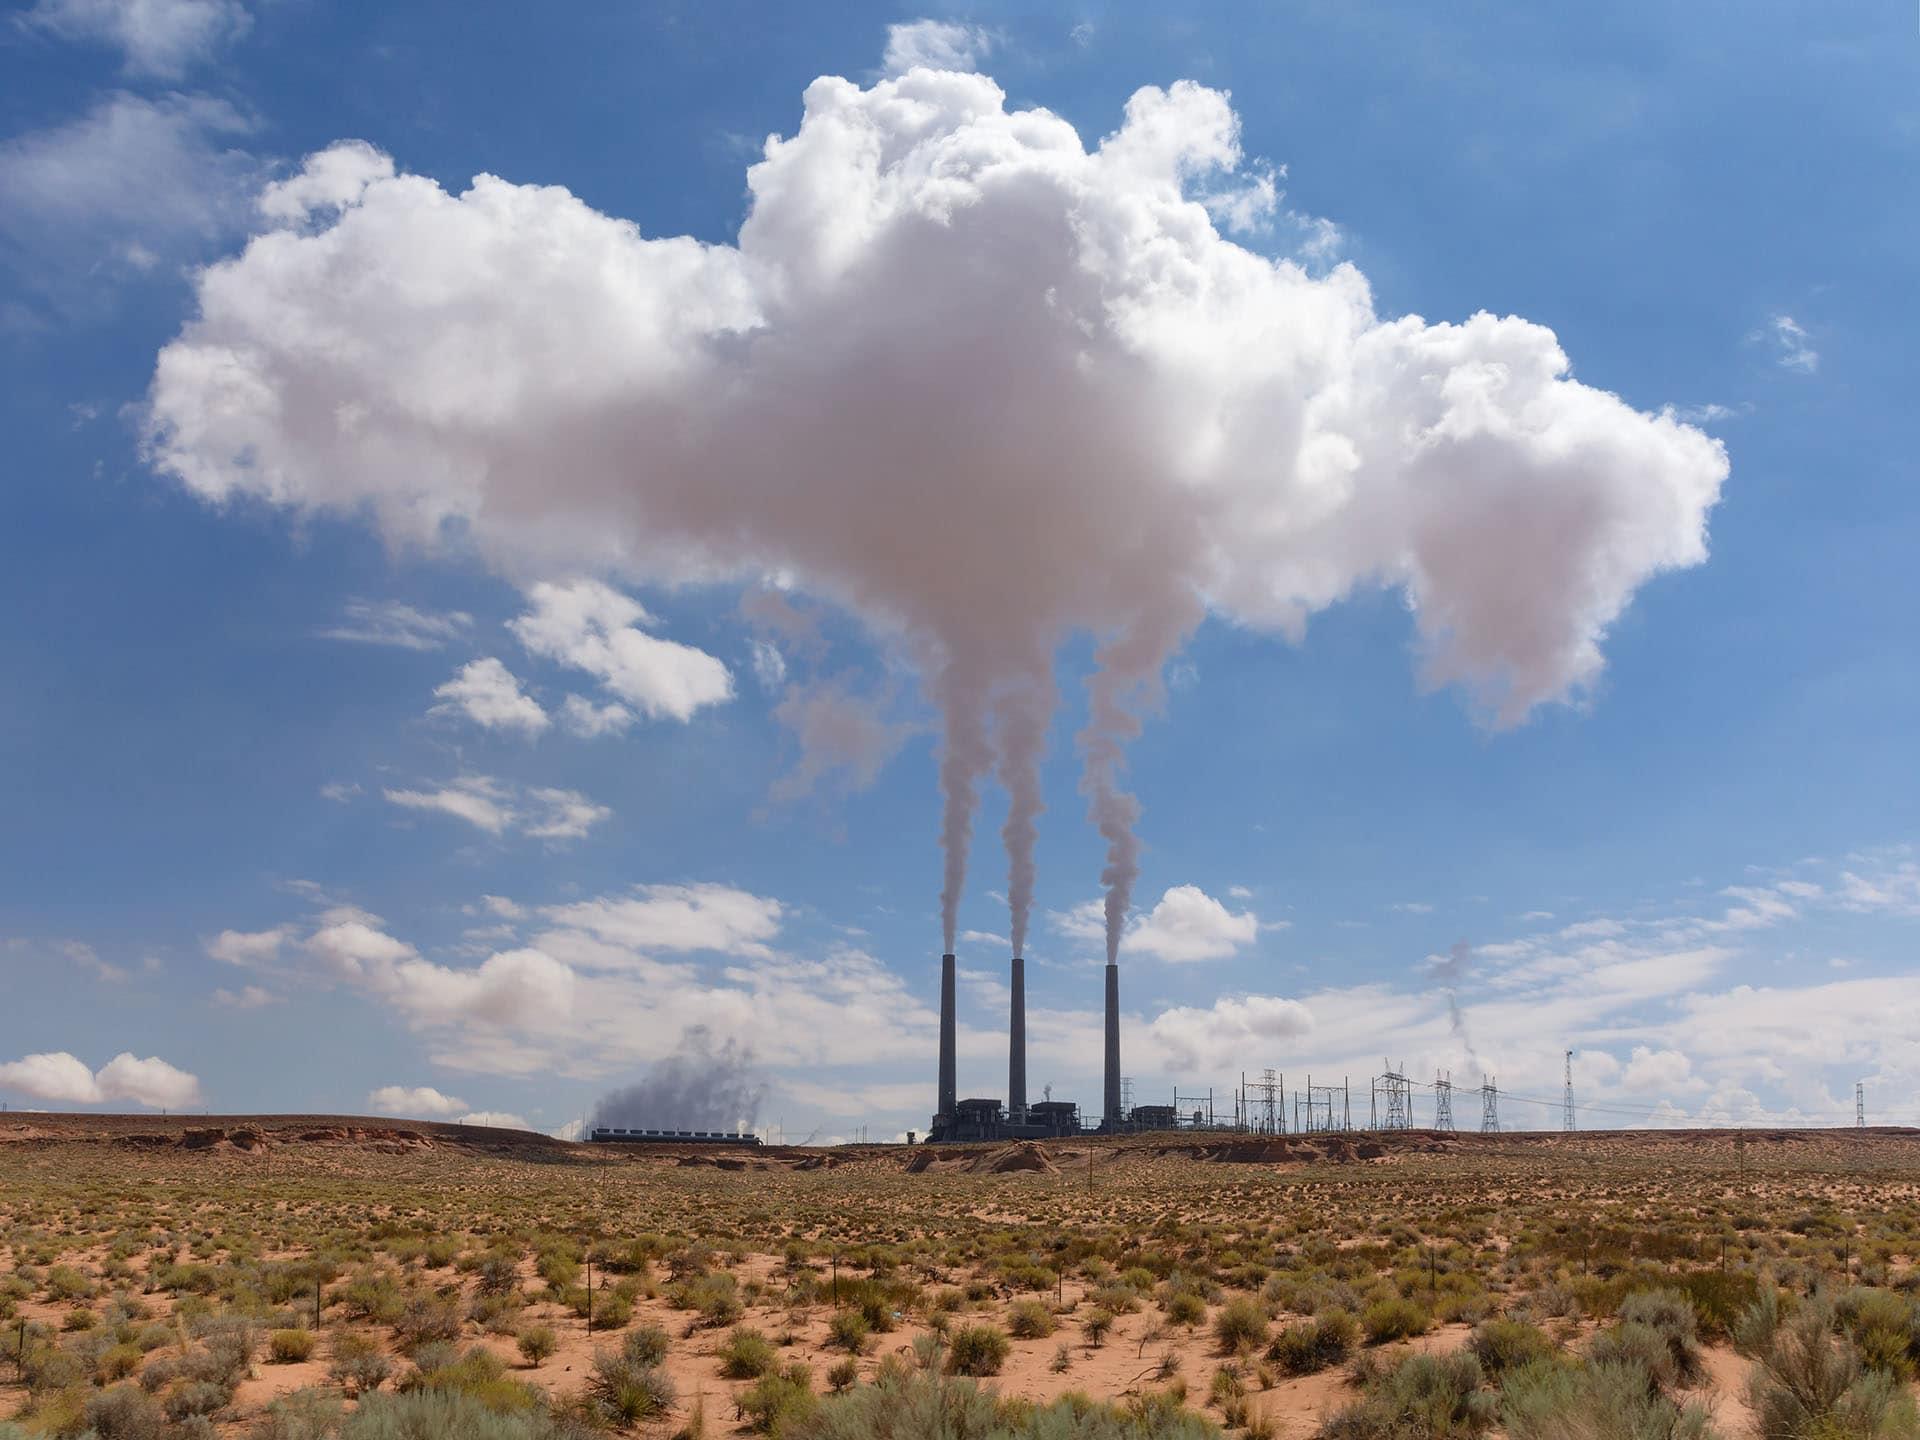 Alicat source emissions monitoring